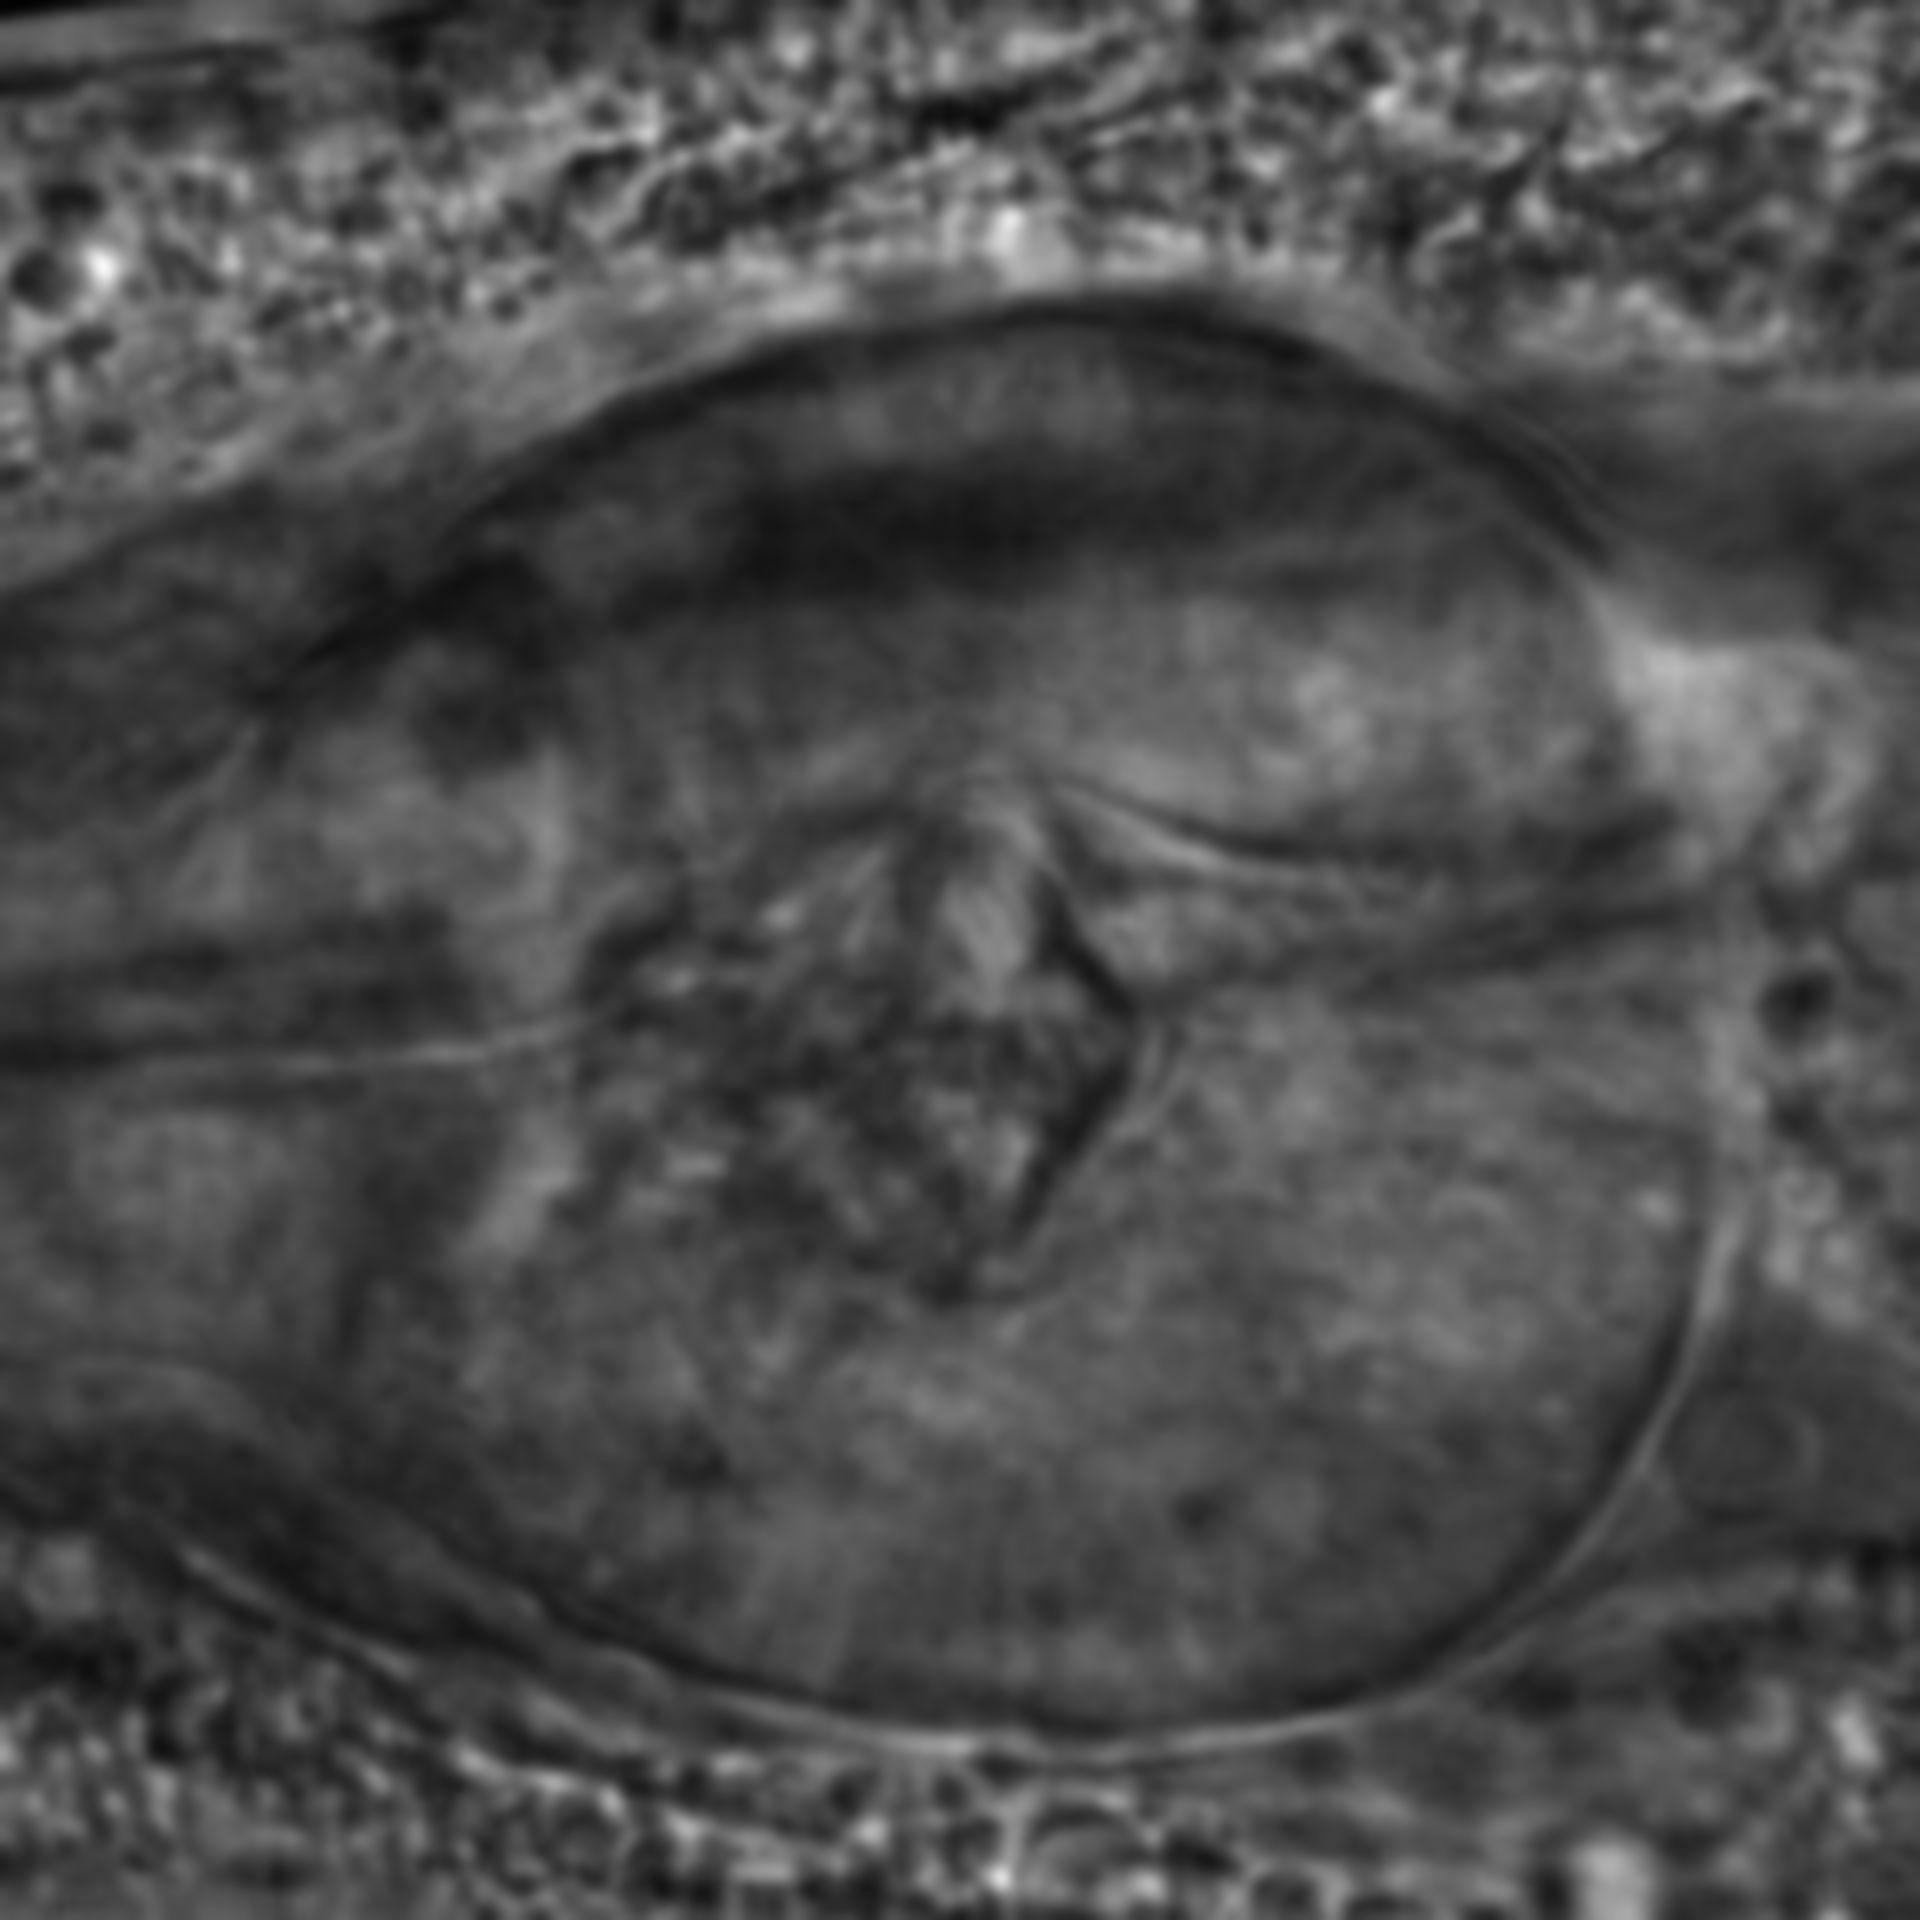 Caenorhabditis elegans - CIL:2790